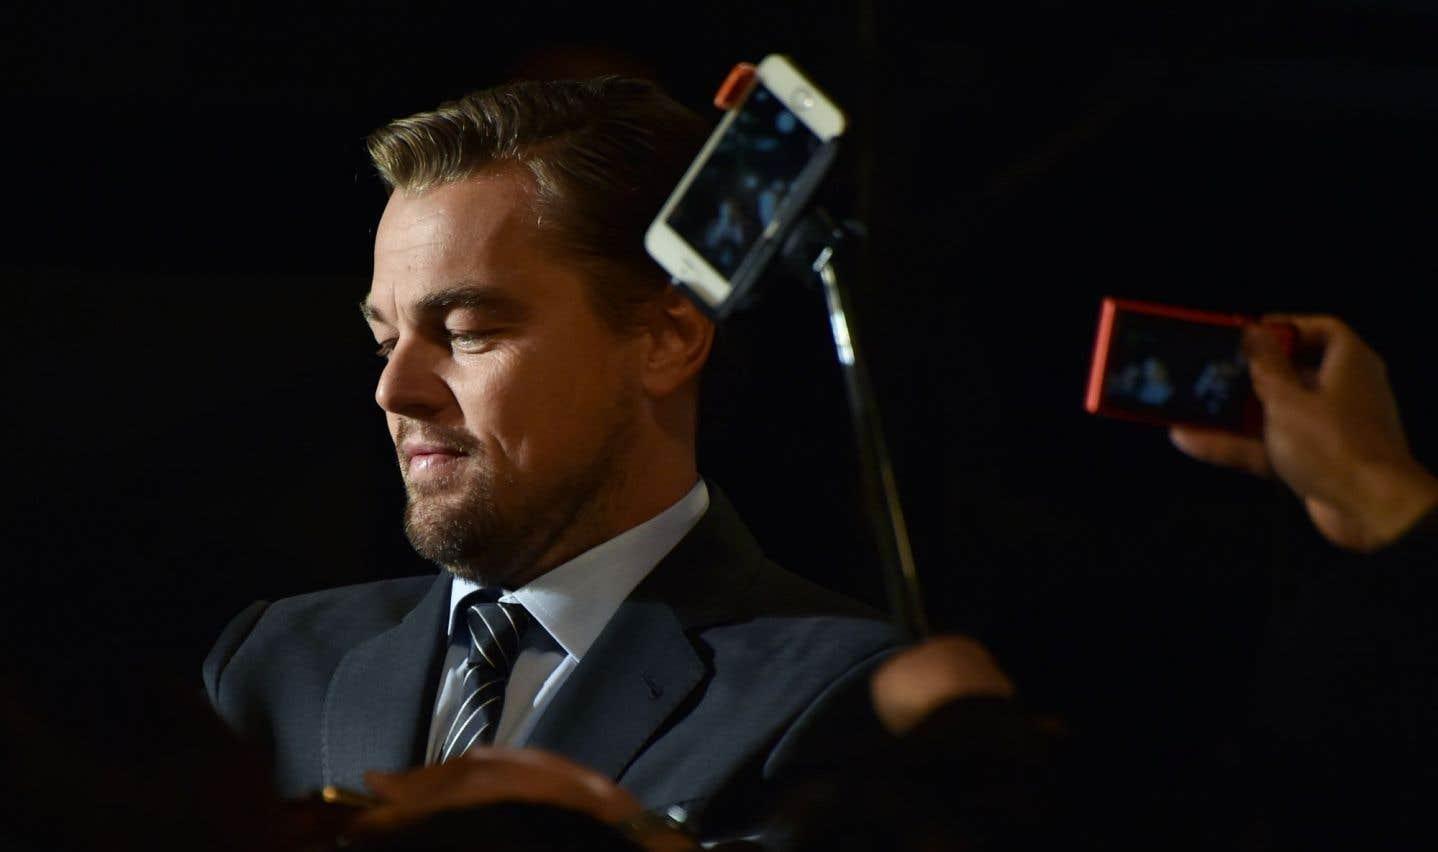 Le réalisateur, comédien et environnementaliste américain Leonardo DiCaprio